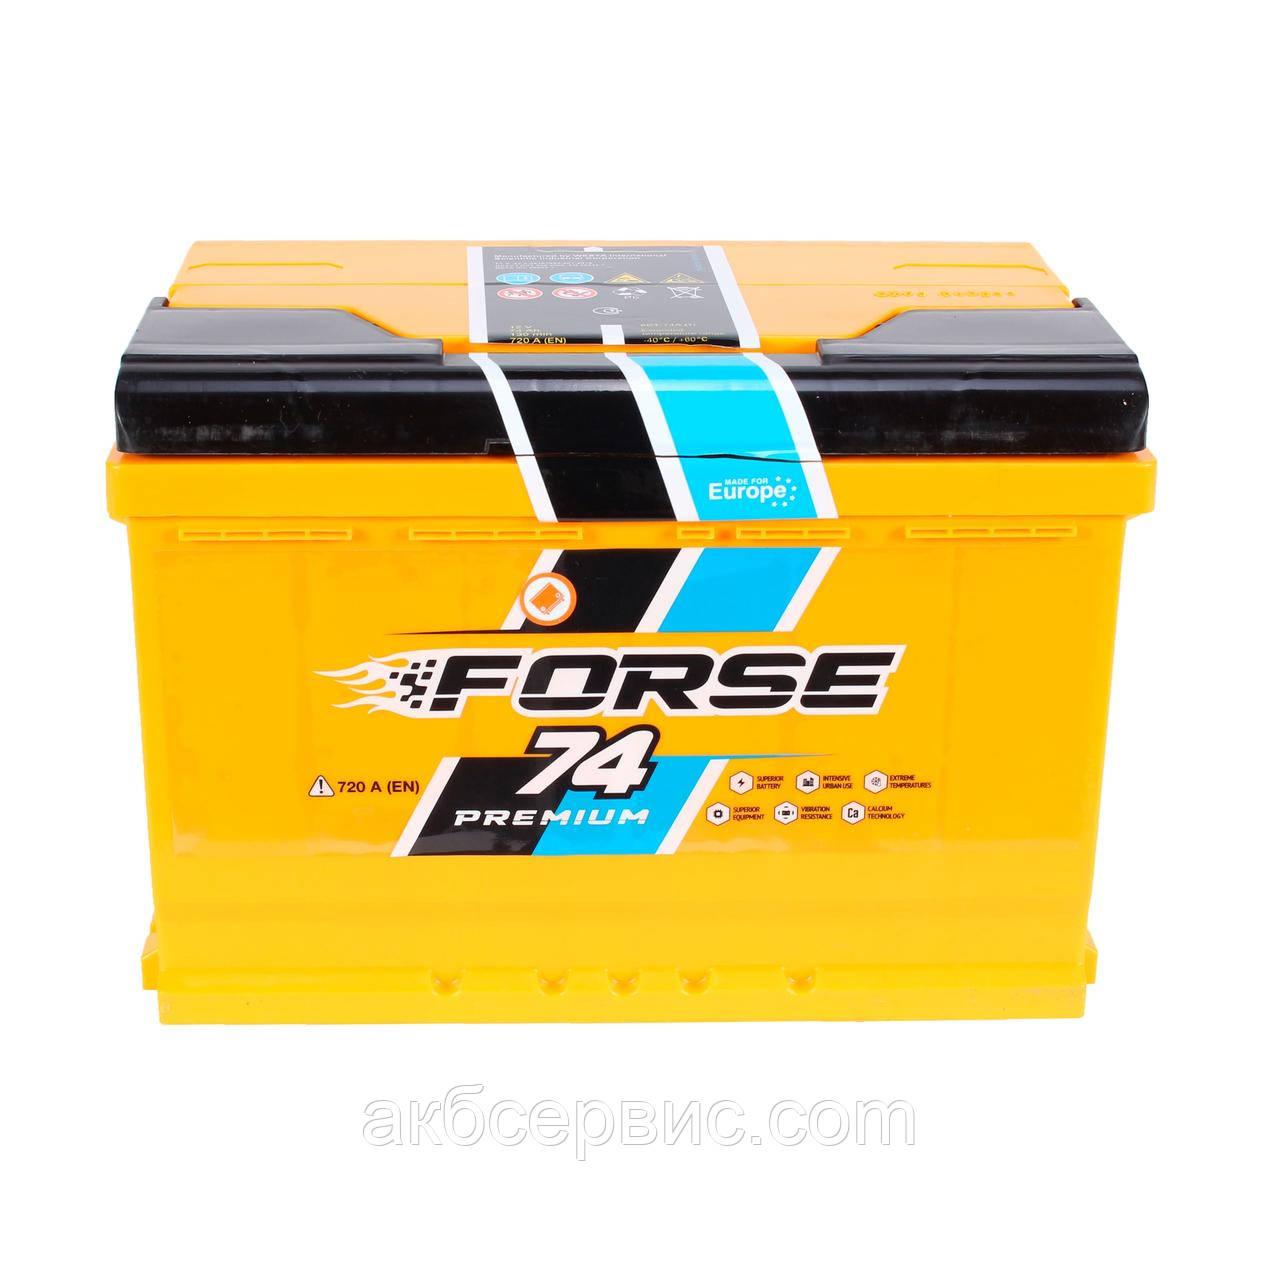 Аккумулятор автомобильный Forse 6СТ-74 Аз Premium